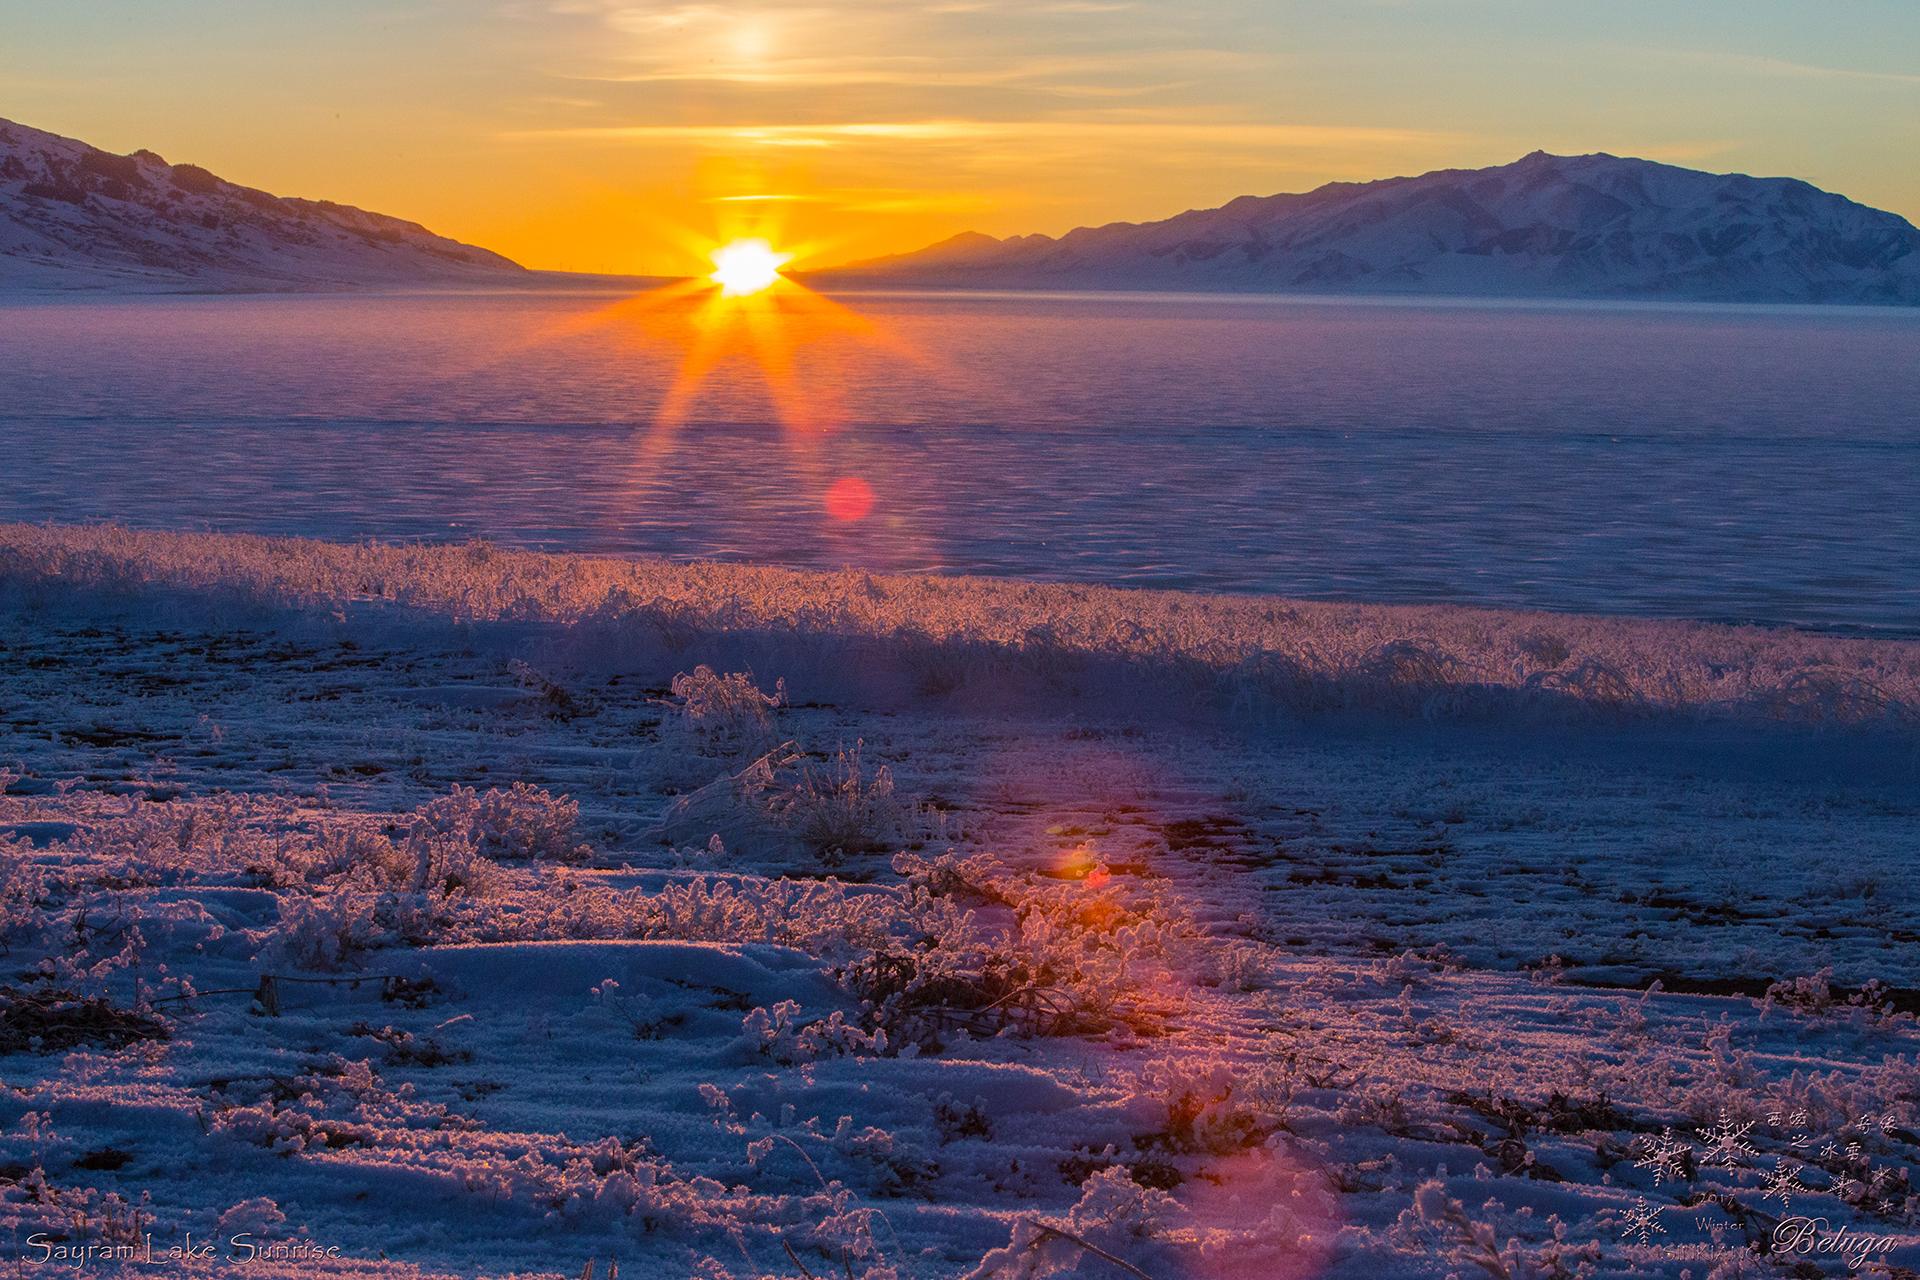 6.Sayram Lake Sunrise_1920.jpg